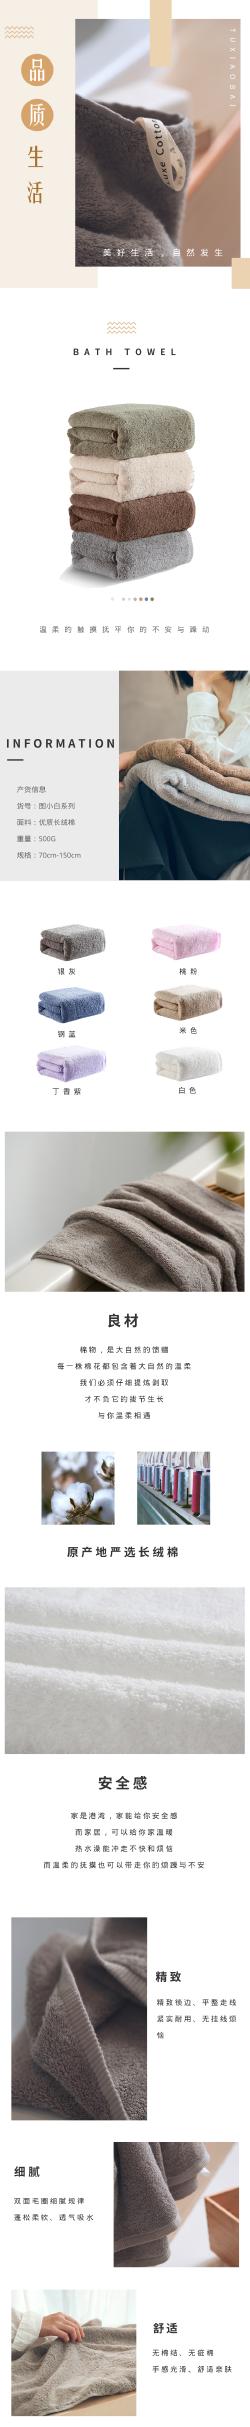 $文艺淘宝电商家居毛巾产品详情页